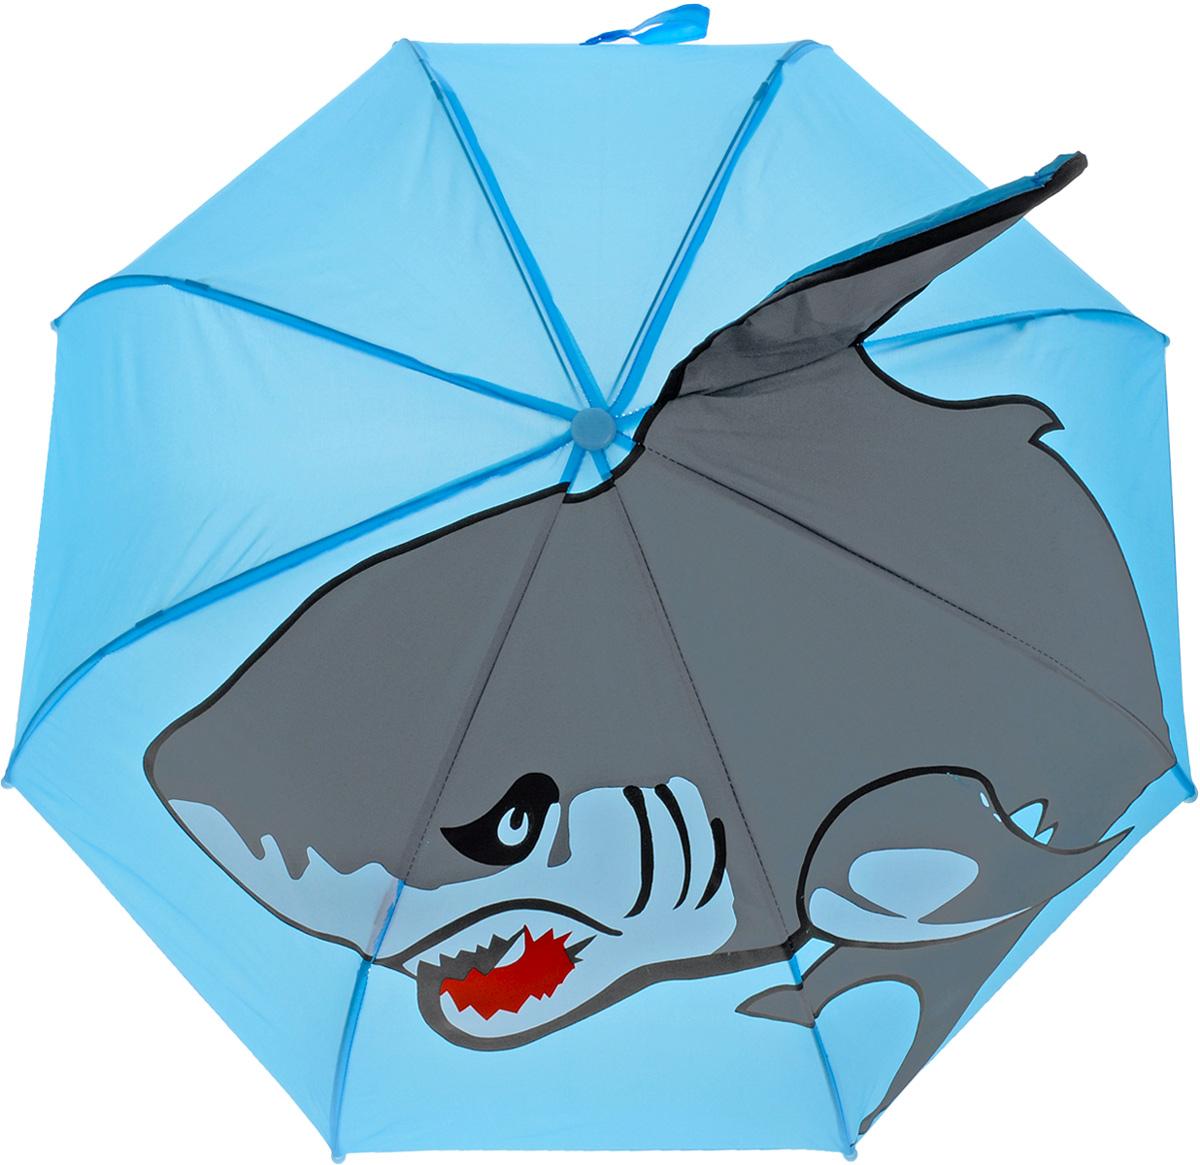 Mary Poppins Зонт-трость детский Акула09357-5536_сердечкиОригинальный и практичный детский зонт-трость Mary Poppins Акула будет отличным подарком для вашего ребенка. Зонт состоит из восьми спиц и стержня, выполненных из прочного, но легкого металла. Купол выполнен из качественной синтетической ткани с рисунком акулы и объемным плавником. Зонт дополнен удобной пластиковой ручкой в виде крючка.Изделие имеет механический способ сложения, купол открываются и закрываются вручную до характерного щелчка. Зонт закрывается хлястиком на липучку. Такой зонтик понравится как мальчикам, так и девочкам. Радиус купола - 46 см.